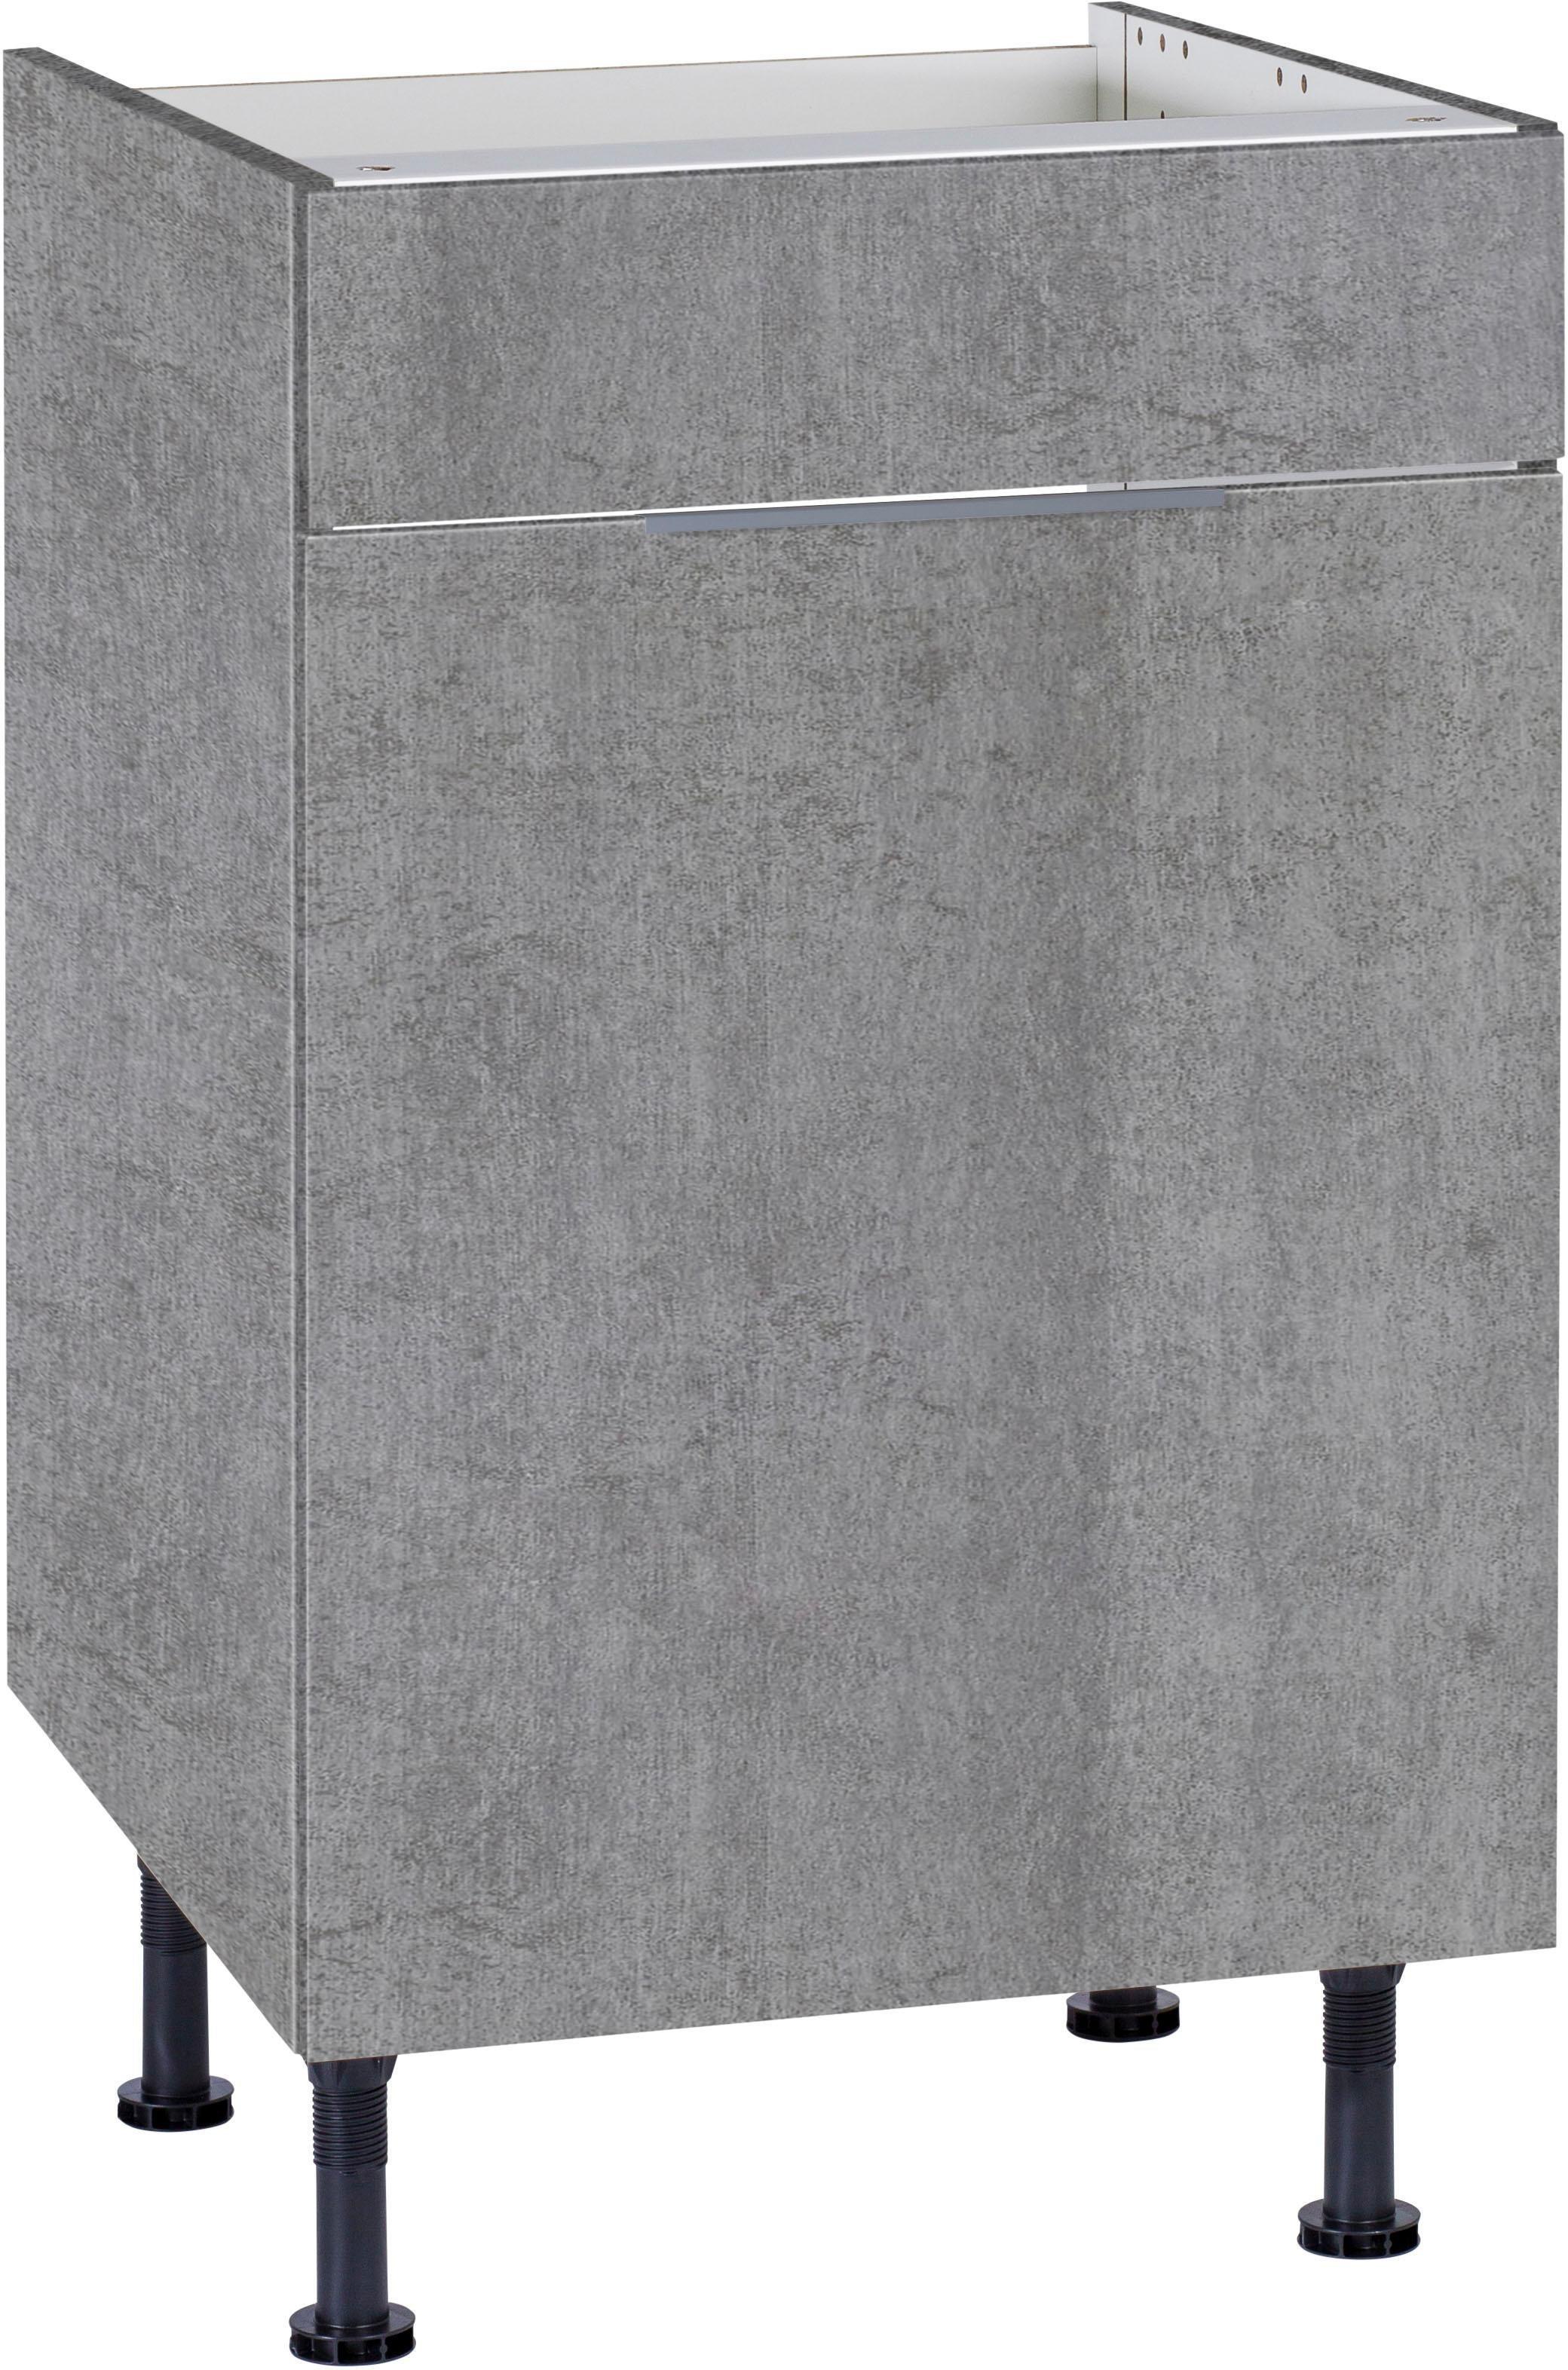 OPTIFIT Spülenschrank »Tara«, Breite 50 cm | Küche und Esszimmer > Küchenschränke > Spülenschränke | Anthrazit - Weiß - Matt - Glanz | Beton - Glänzend - Melamin | OPTIFIT